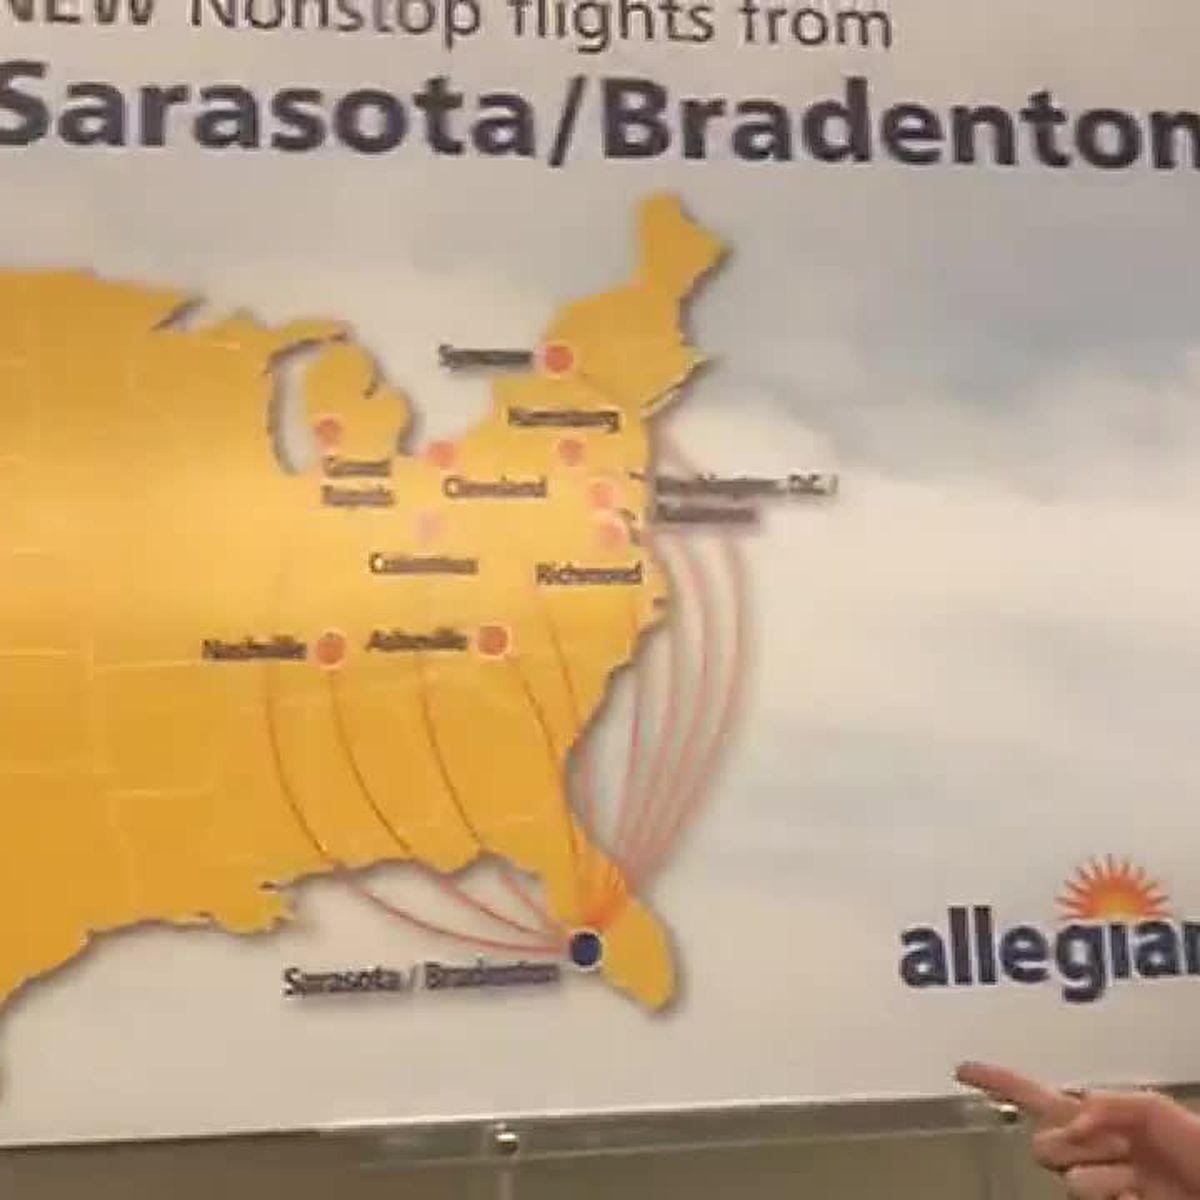 Allegiant Airlines offering nine new nonstop flights